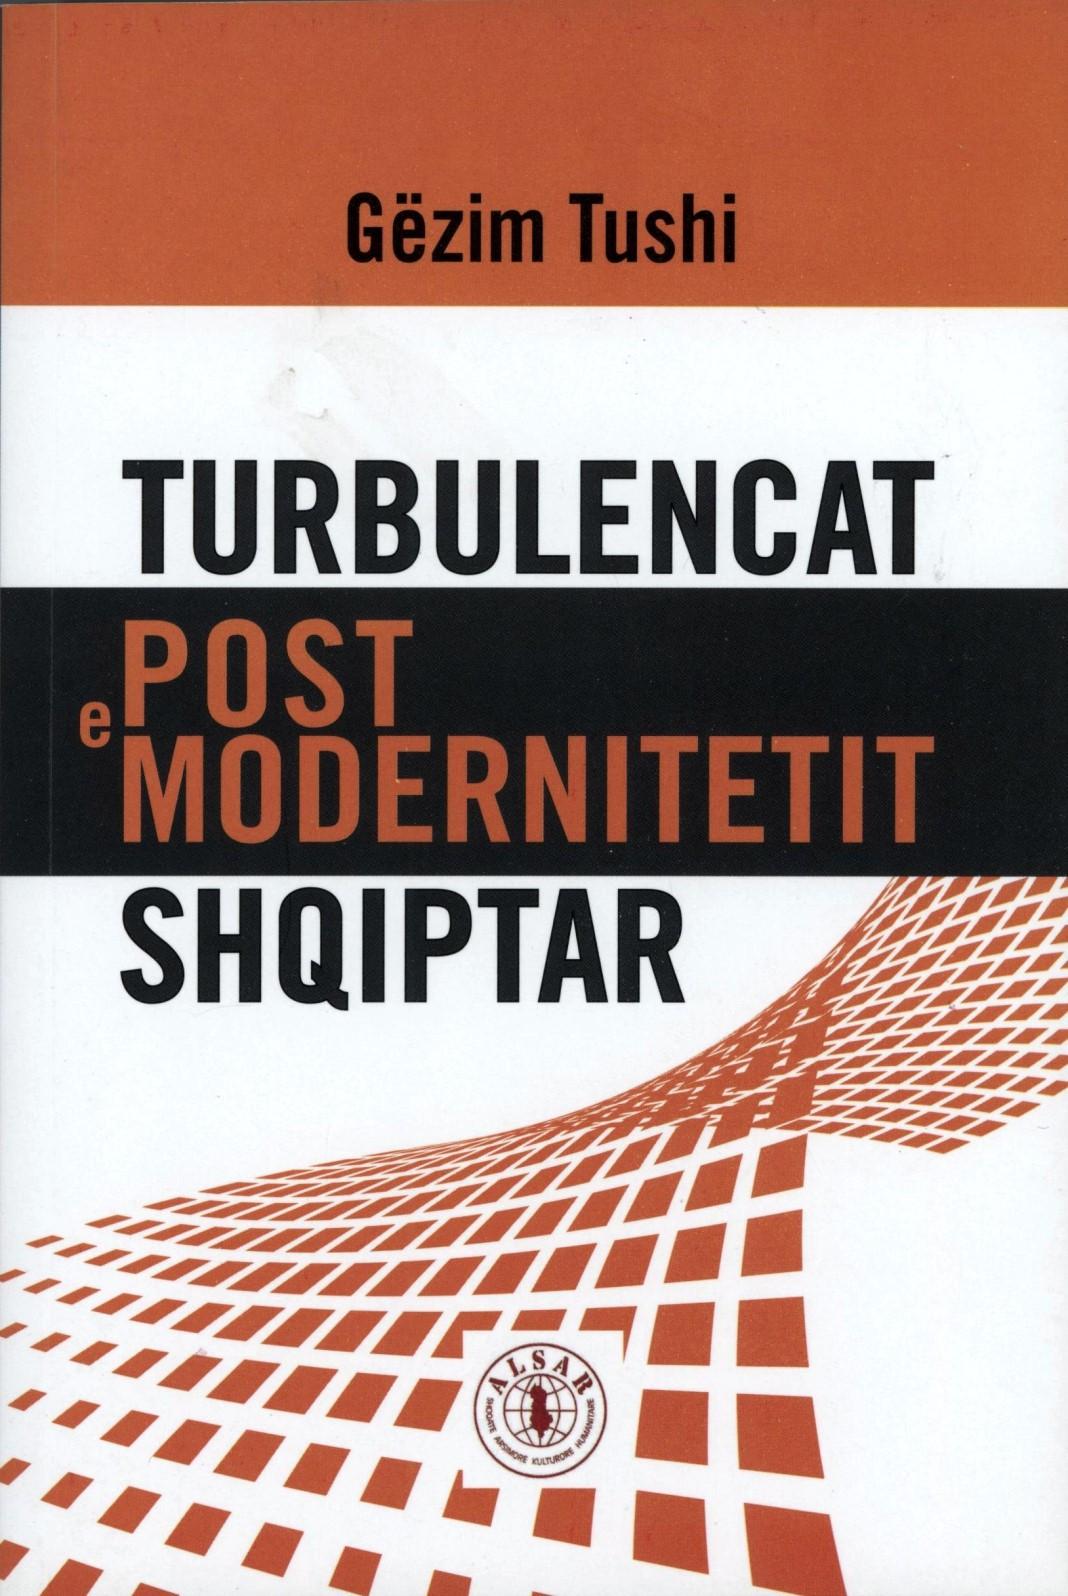 Turbulencat e postmodernitetit shqiptar